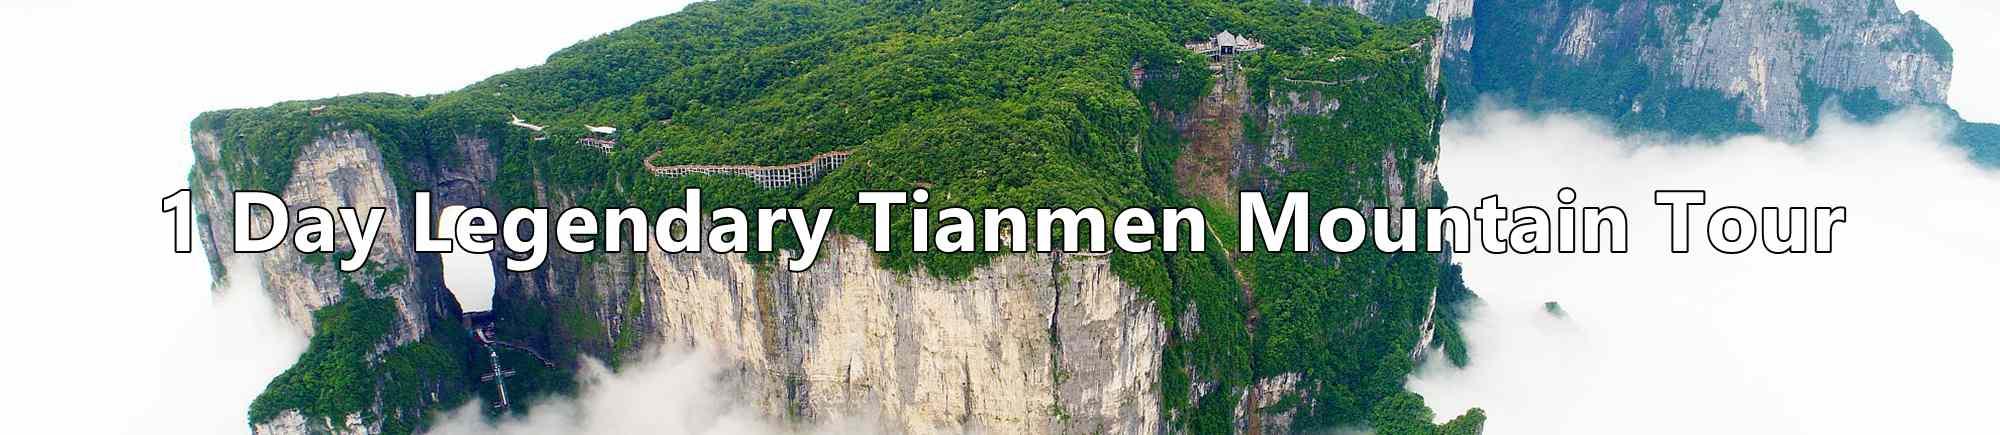 1-day-legendary-tianmen-mountain-tour.jpg